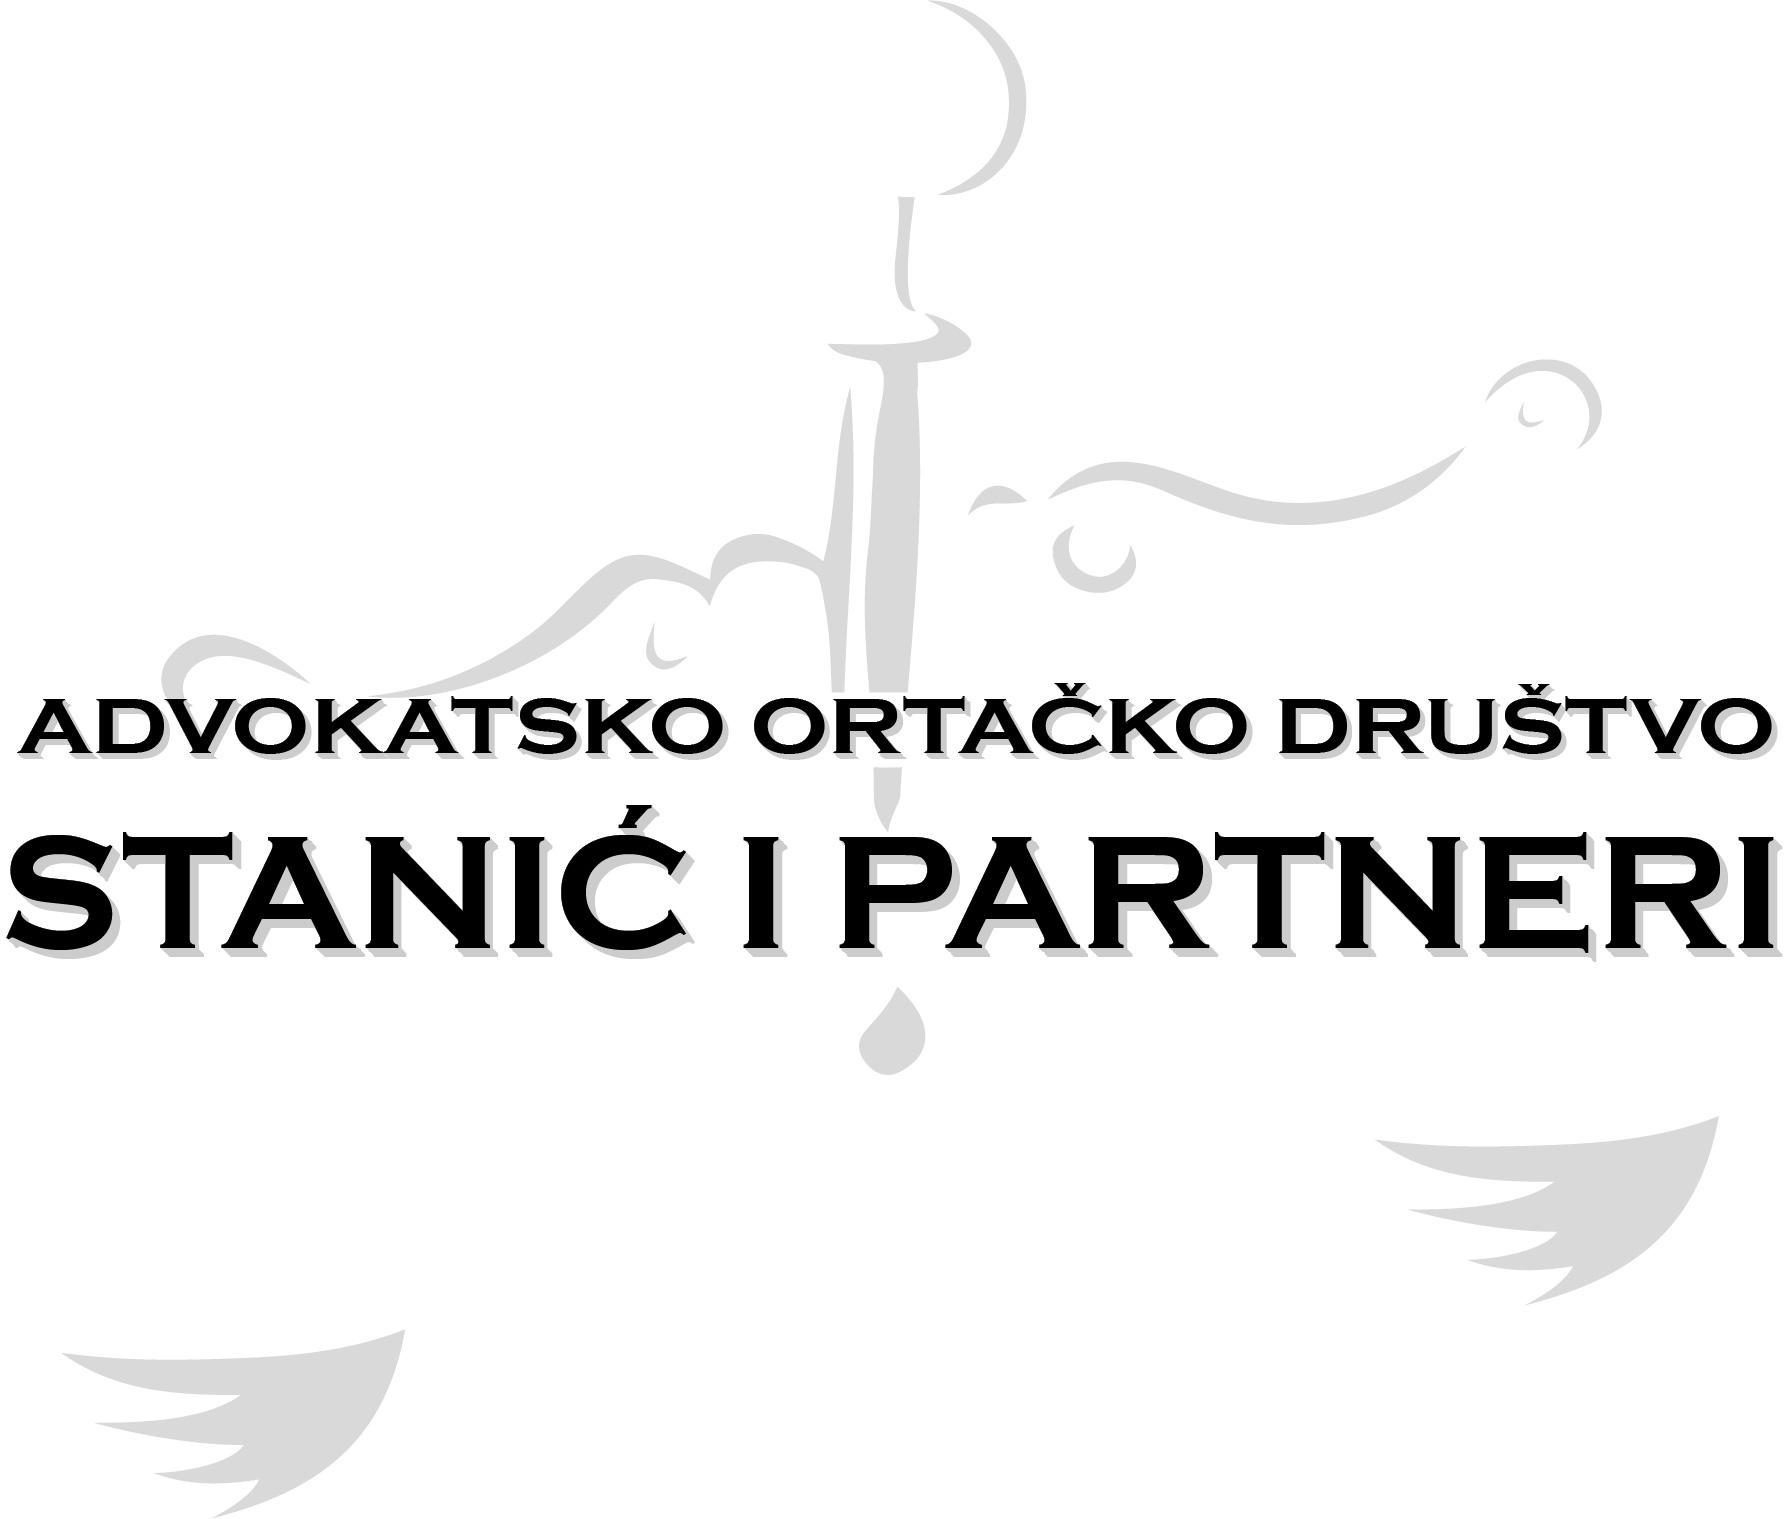 """""""Stanić i Partneri"""" Advokatsko Ortacko Društvo"""